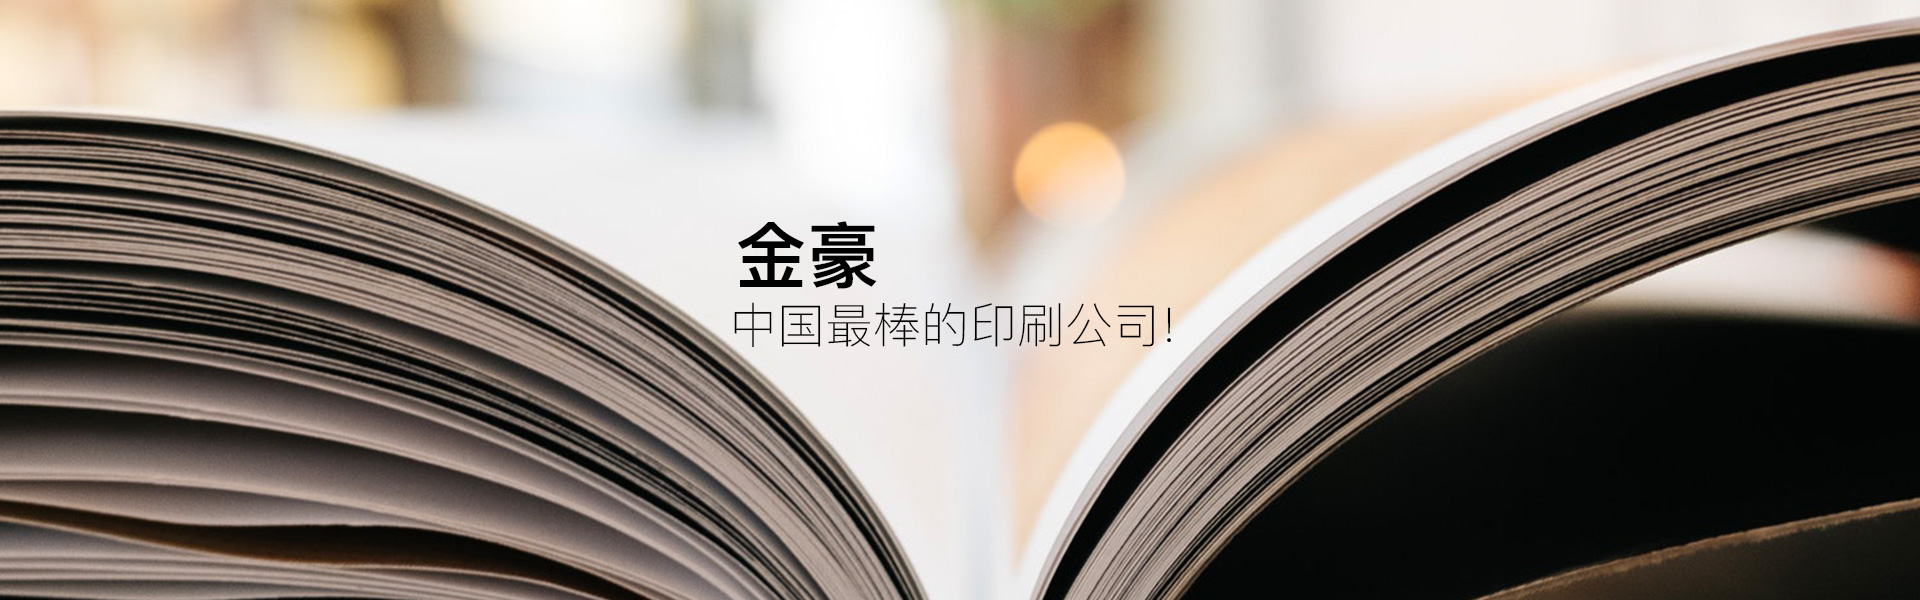 金豪,是中國最棒的印刷公司!